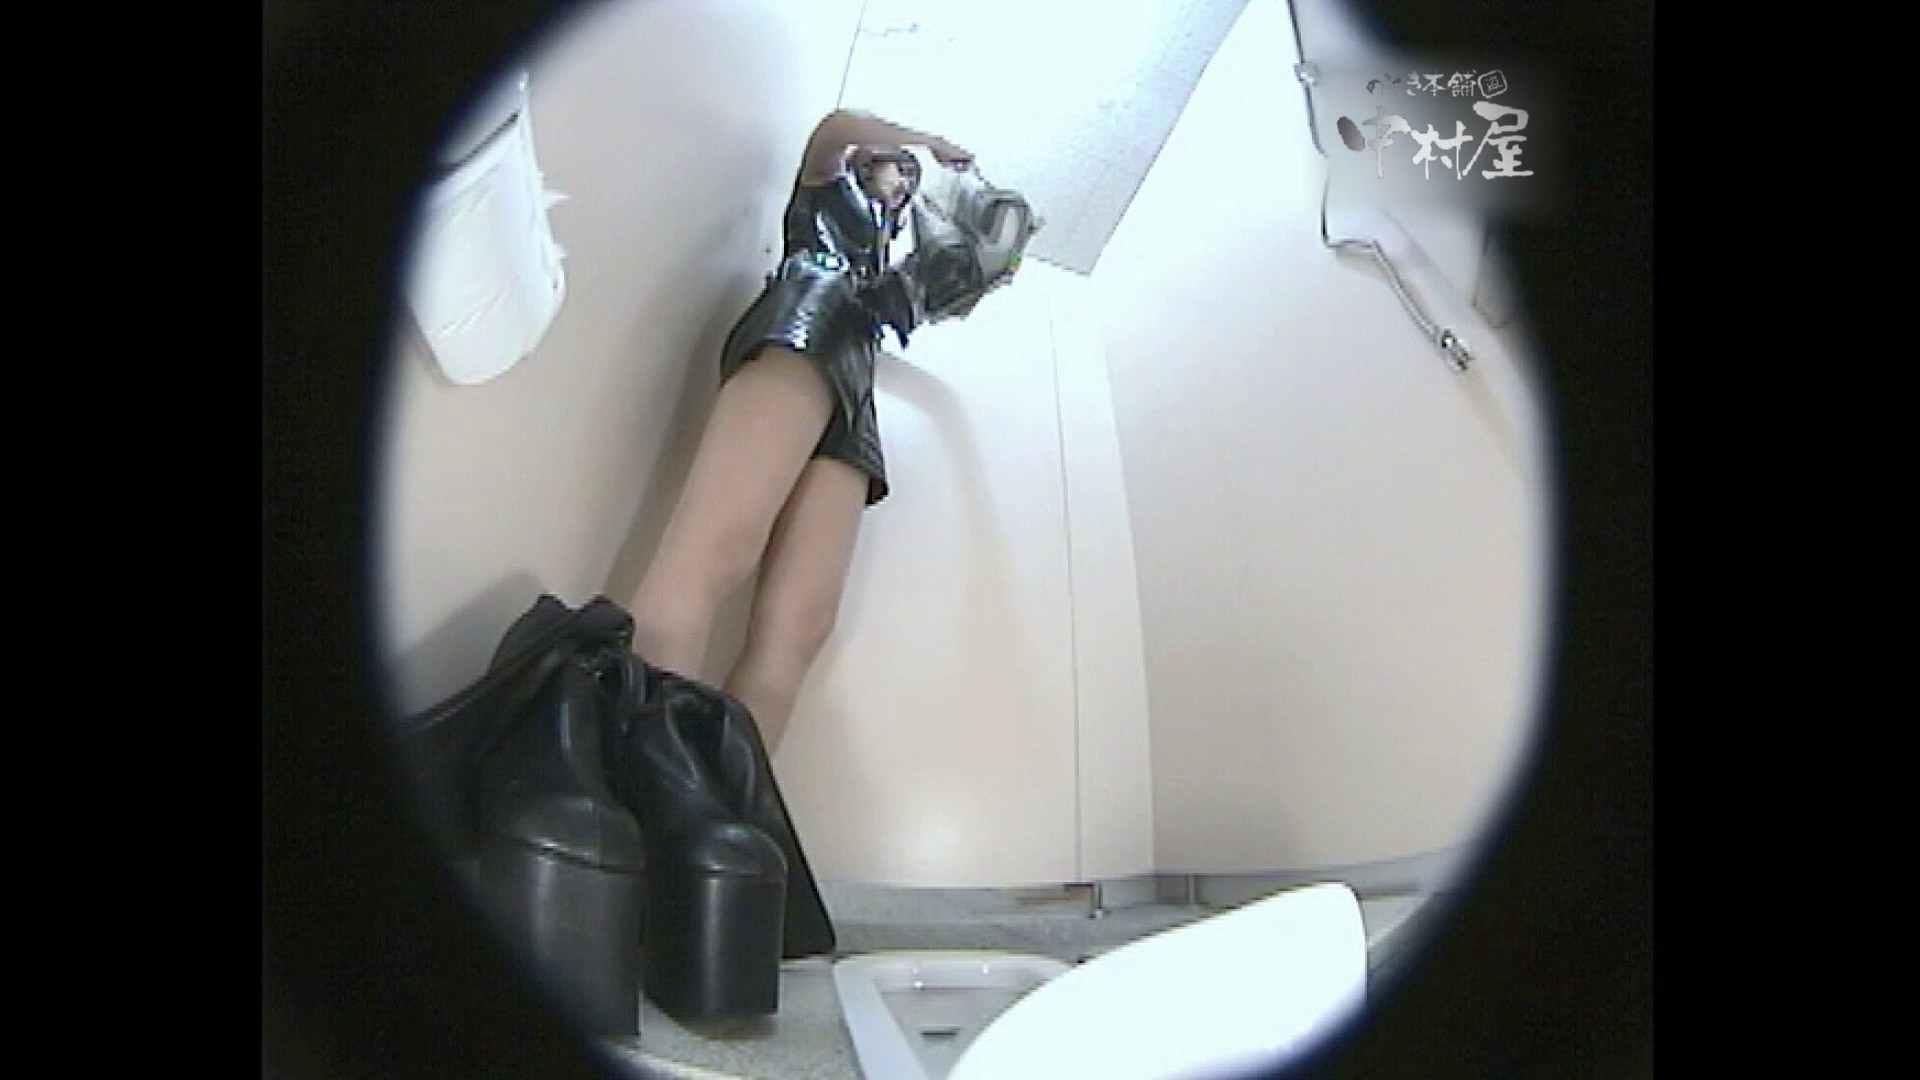 レースクィーントイレ盗撮!Vol.19 マンコエロすぎ 濡れ場動画紹介 87PIX 49